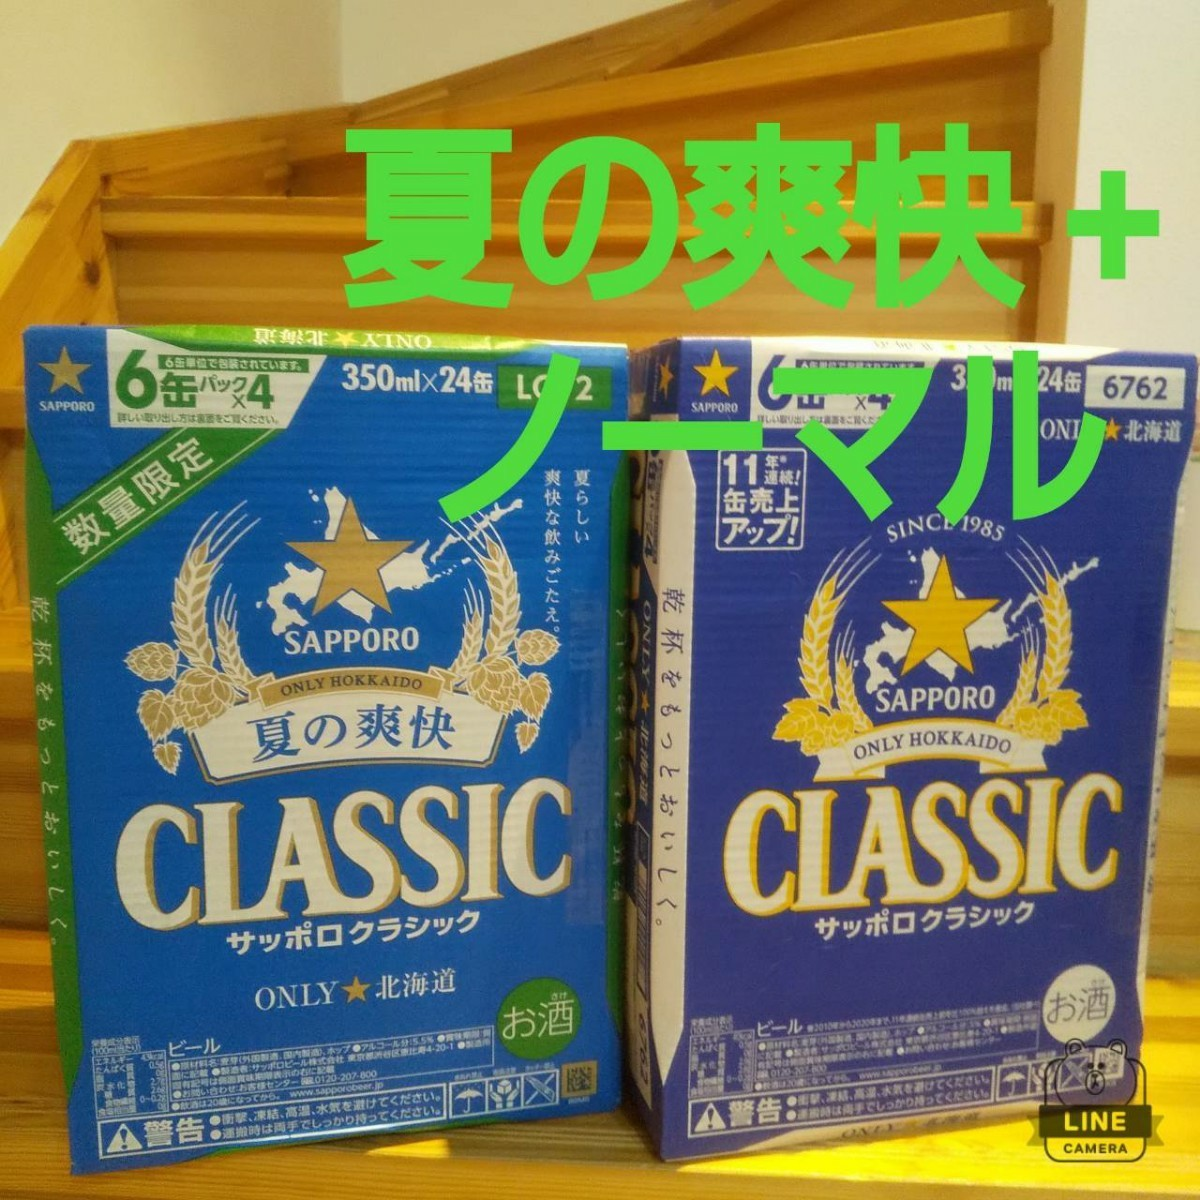 サッポロクラシックビール夏の爽快&ノーマル各1ケース計48本